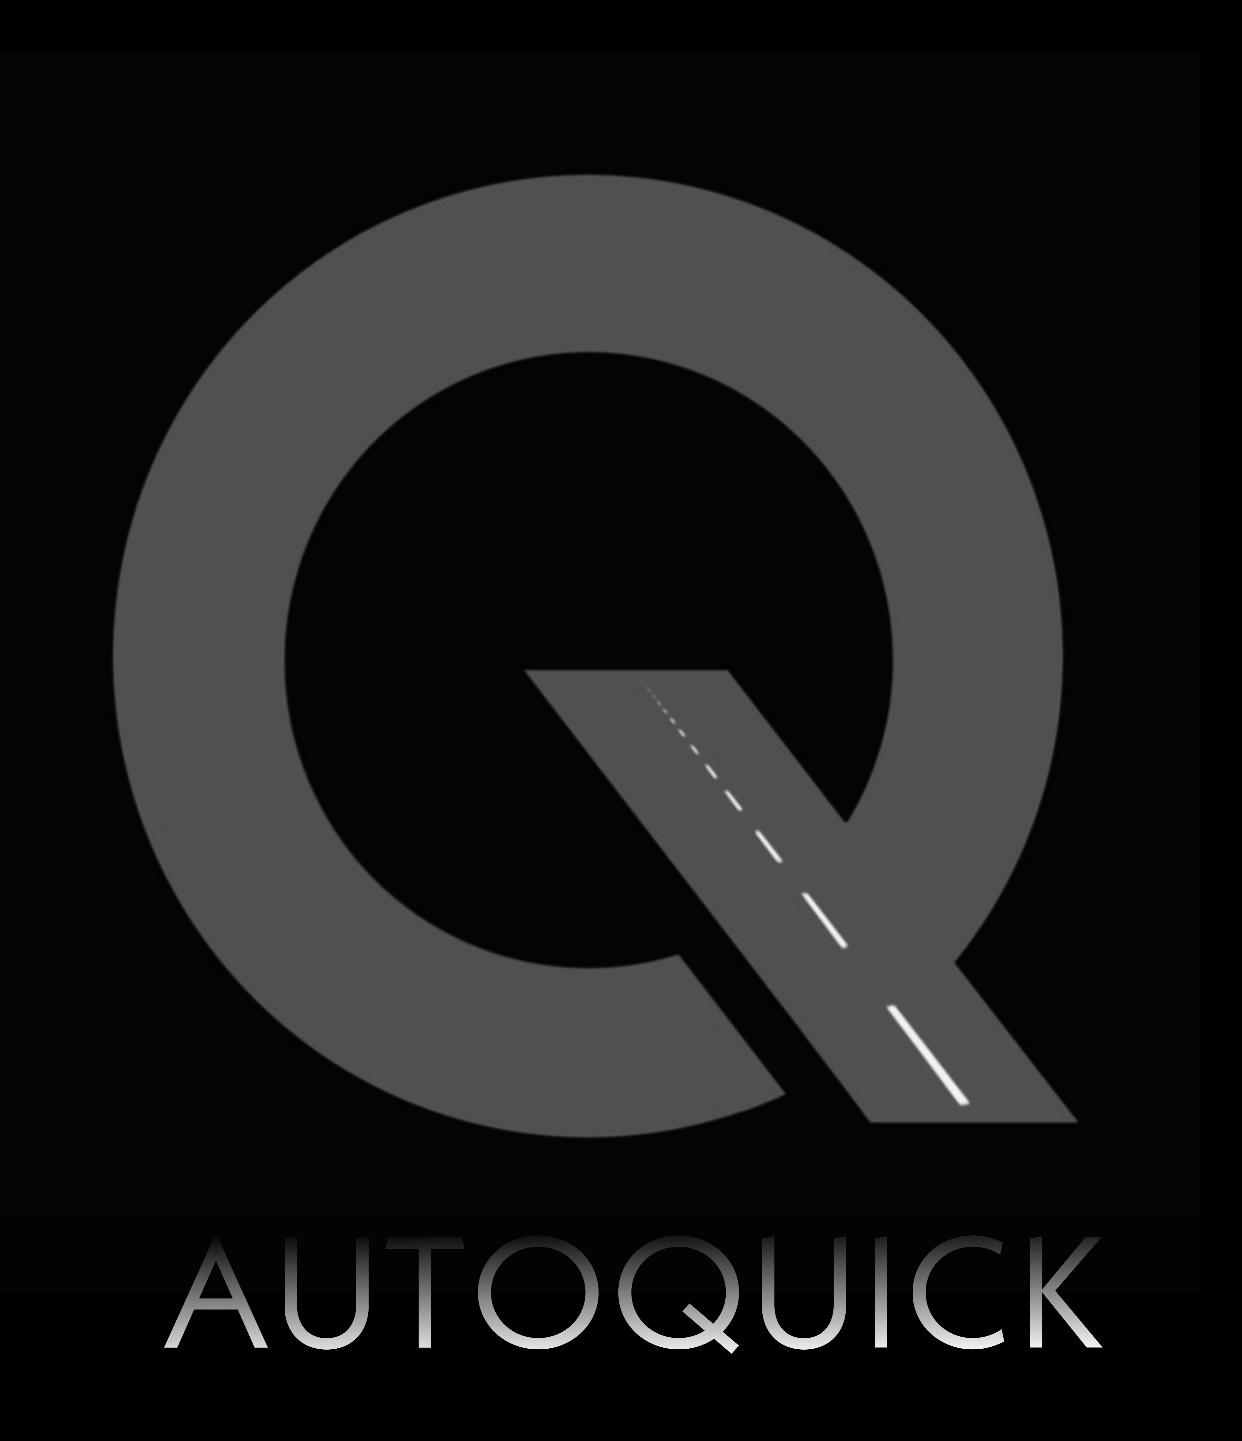 AUTOQUICK